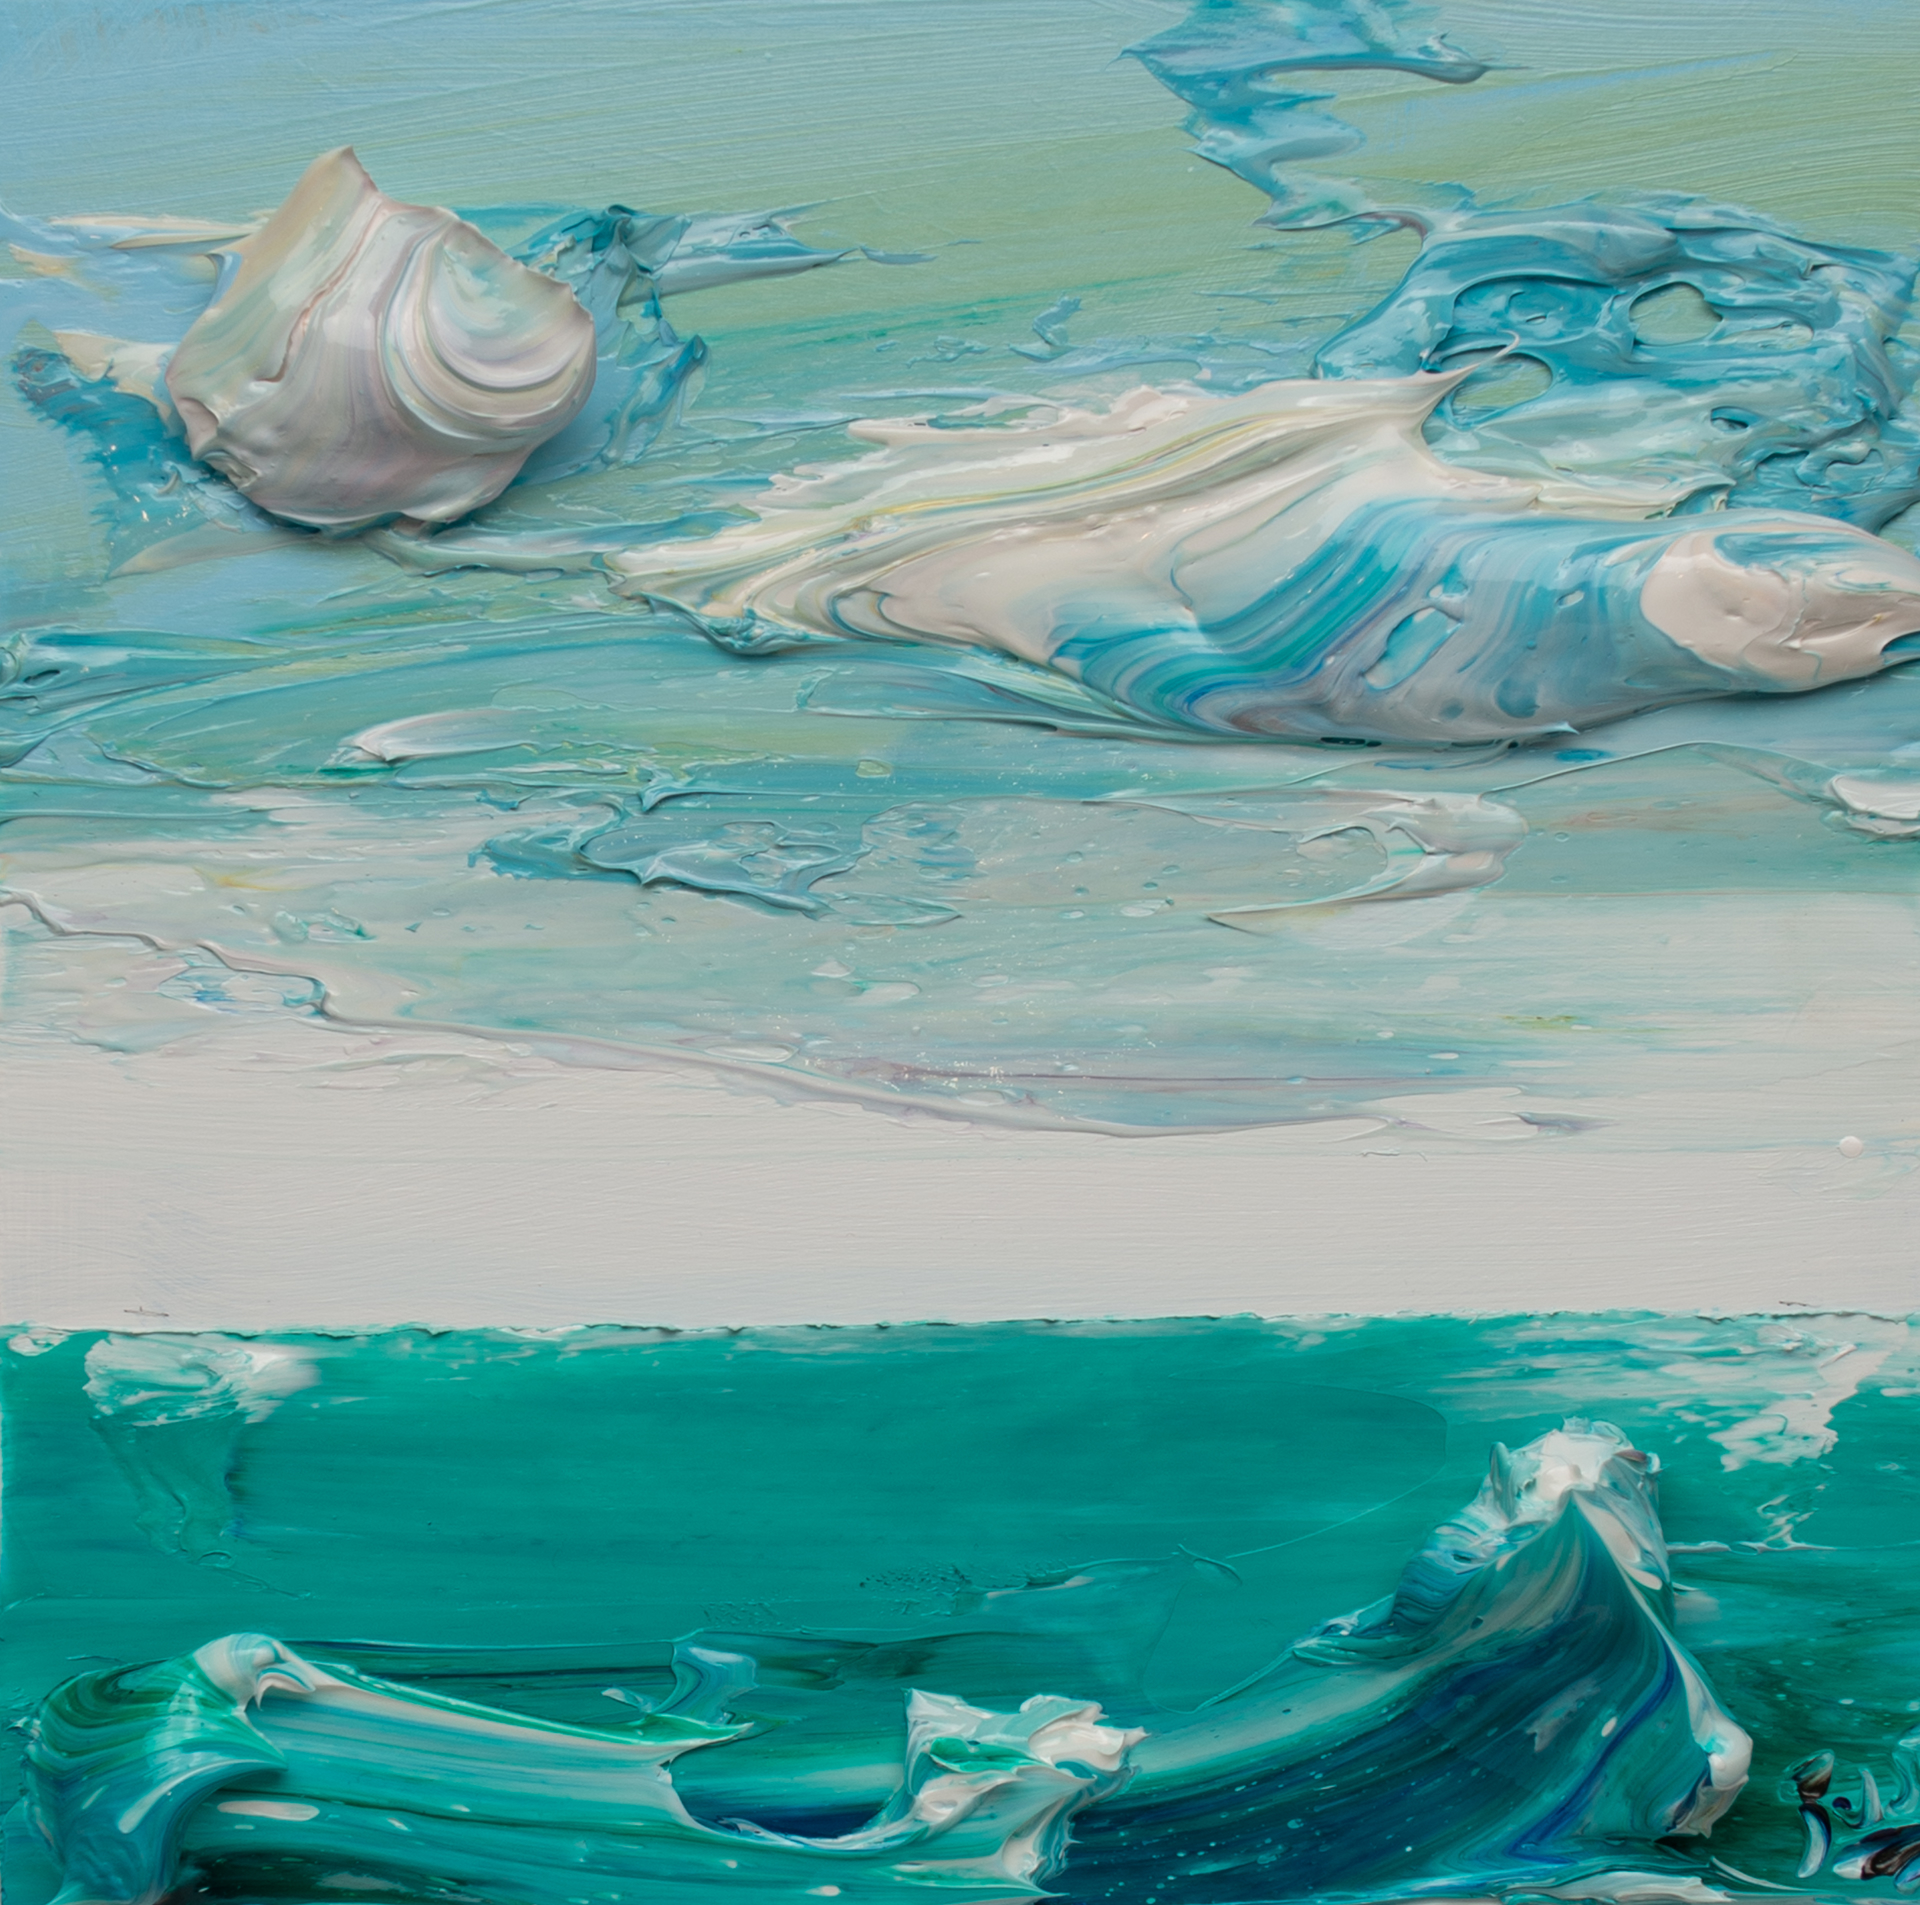 SEASCAPE SS-12x12-2020-066 by JUSTIN GAFFREY